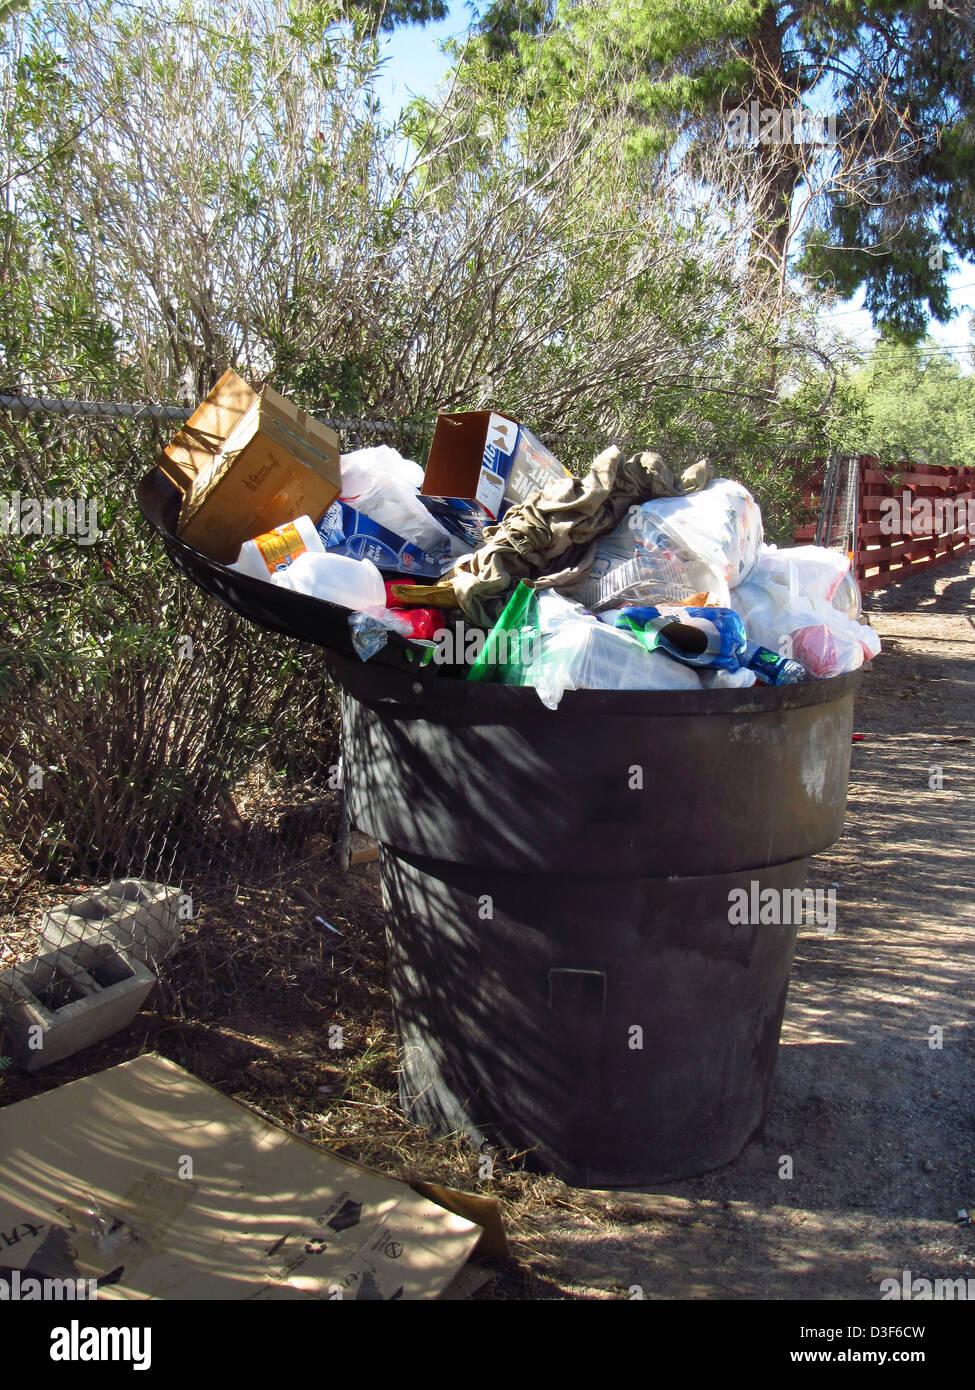 Wohngebiet Müll Müllcontainer überfüllt mit Müll Stockbild